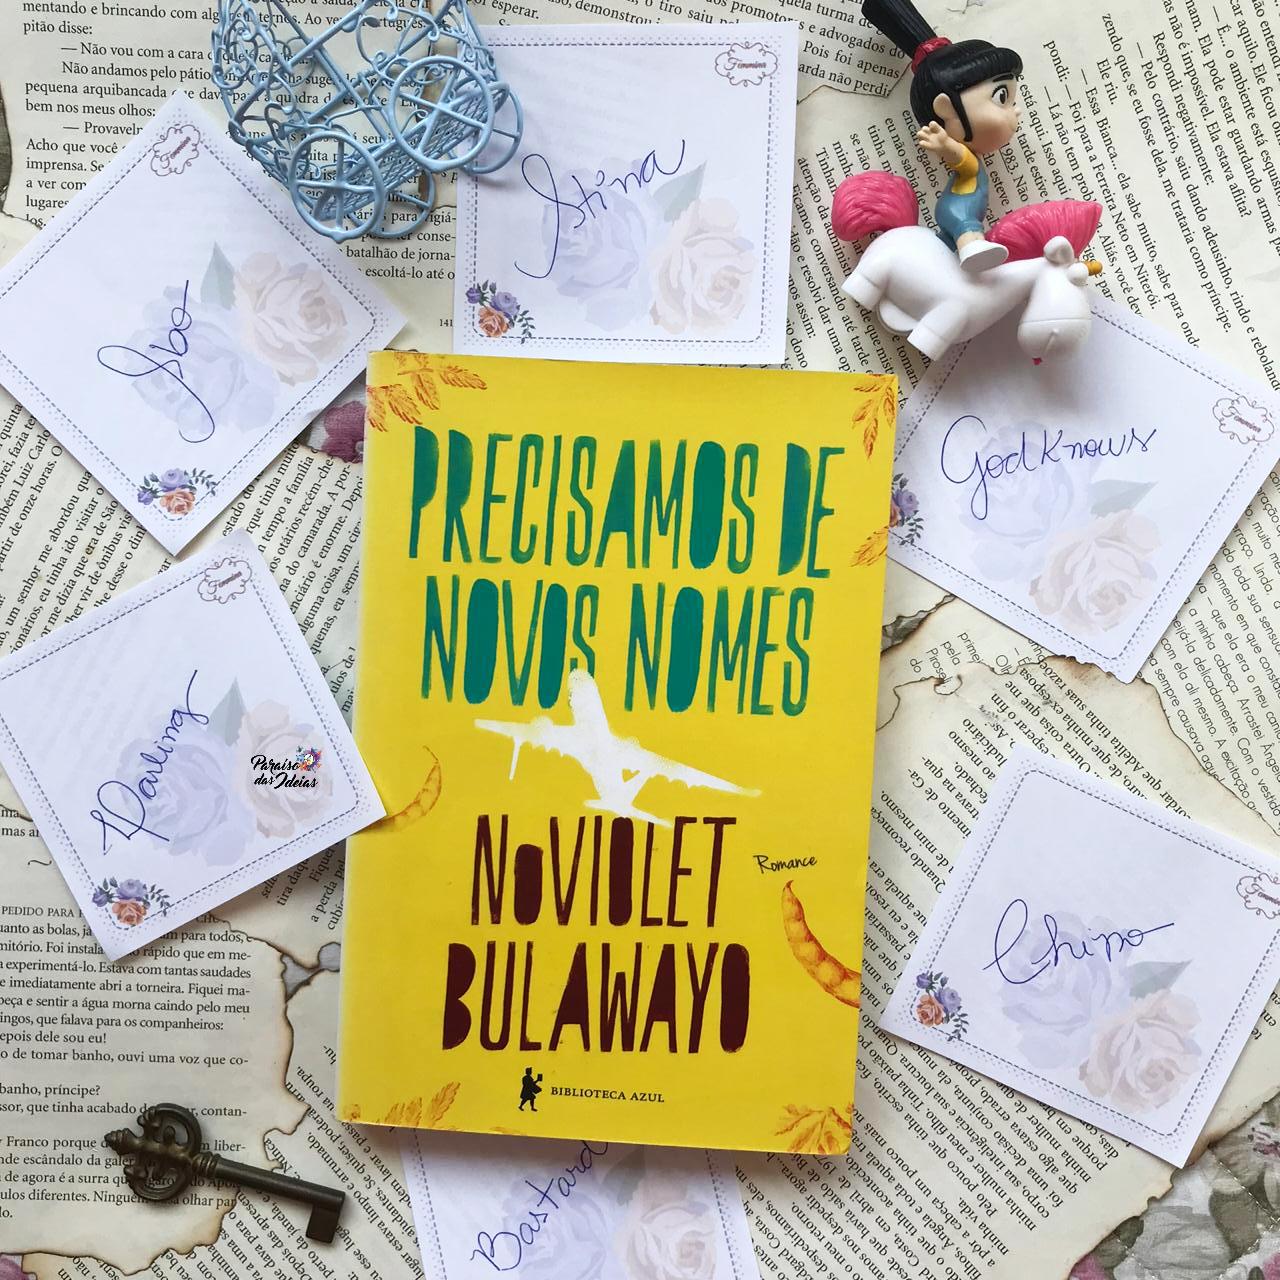 Precisamos de Novos Nomes || NoViolet